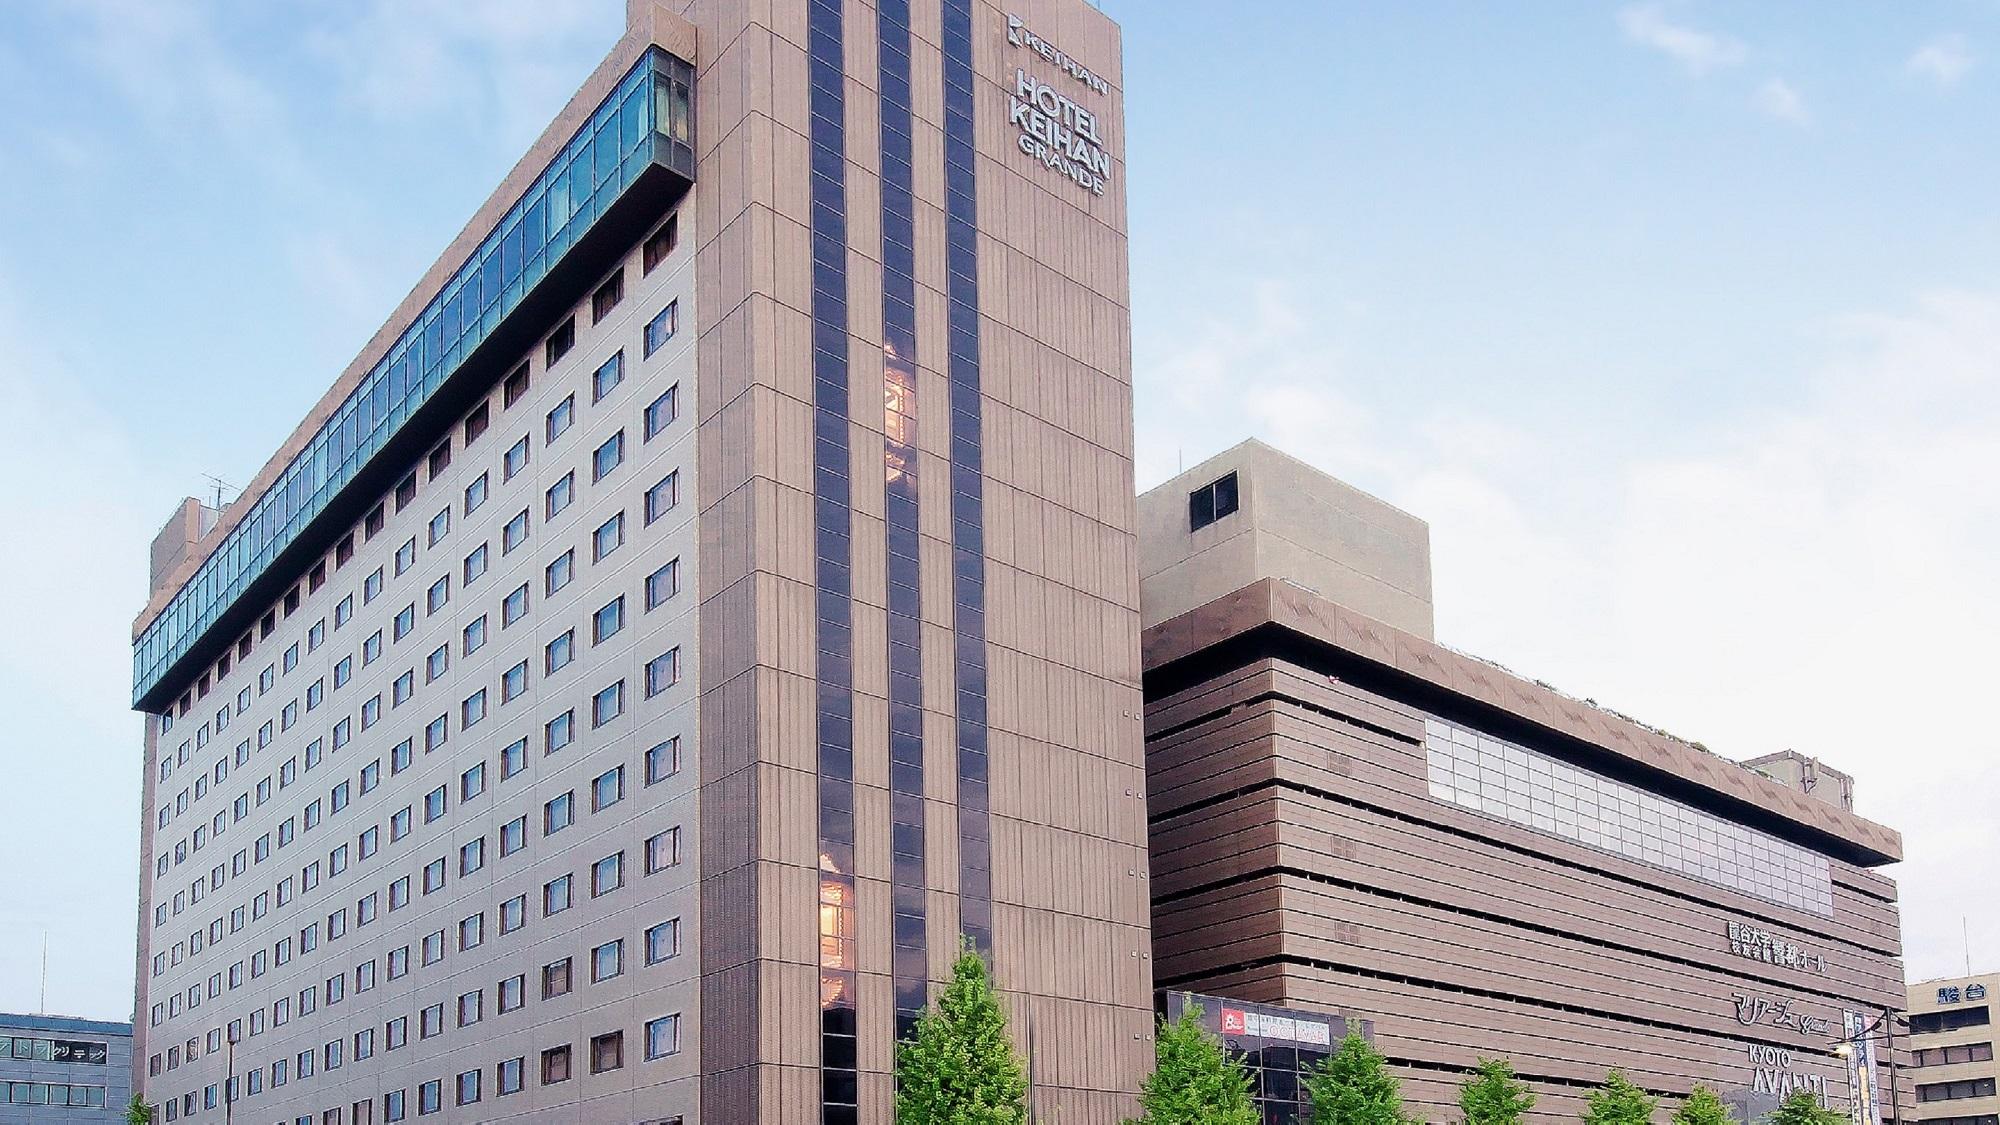 【出張】京都駅周辺のコスパのいいビジネスホテル